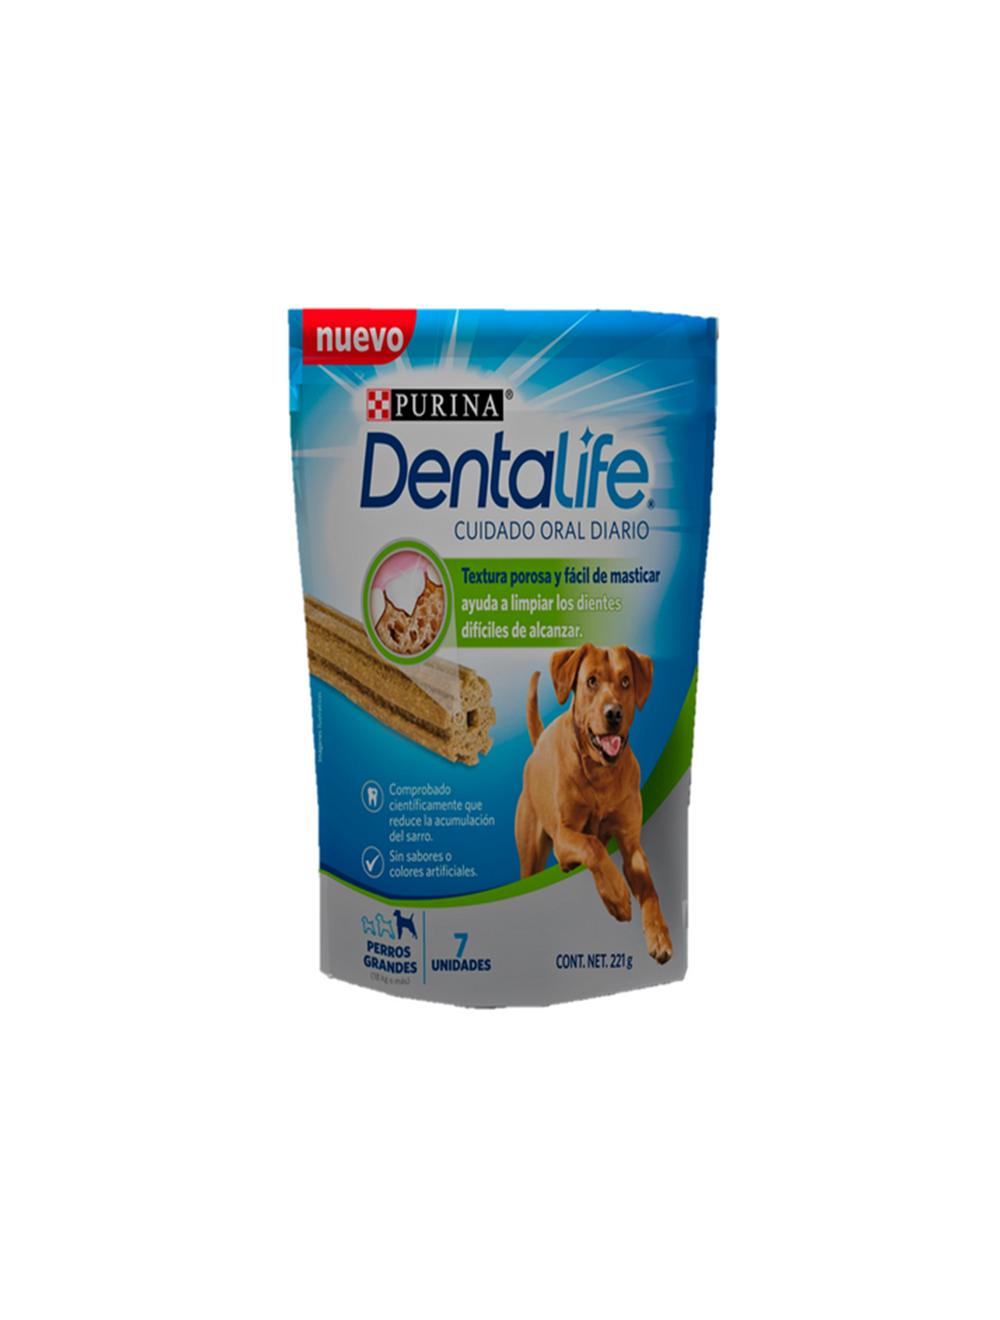 Dentalife Large Dog Treat x 221g